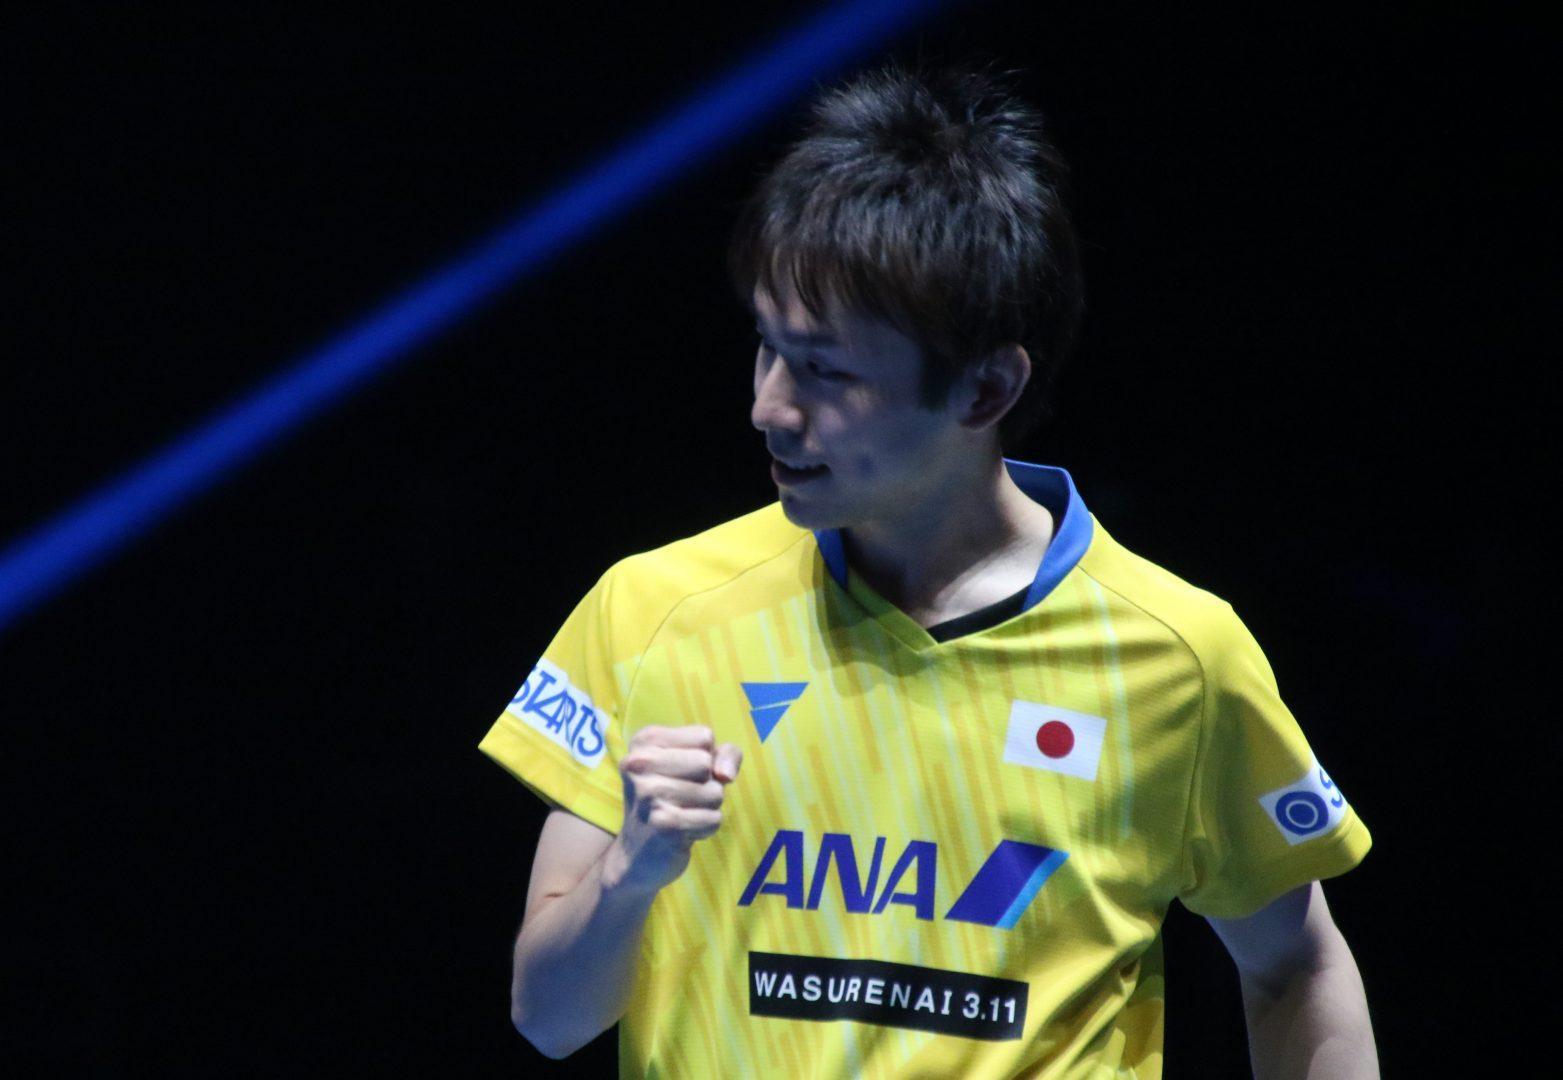 天才サウスポー・丹羽孝希、東京五輪出場確実に 水谷隼との熾烈な争いに終止符